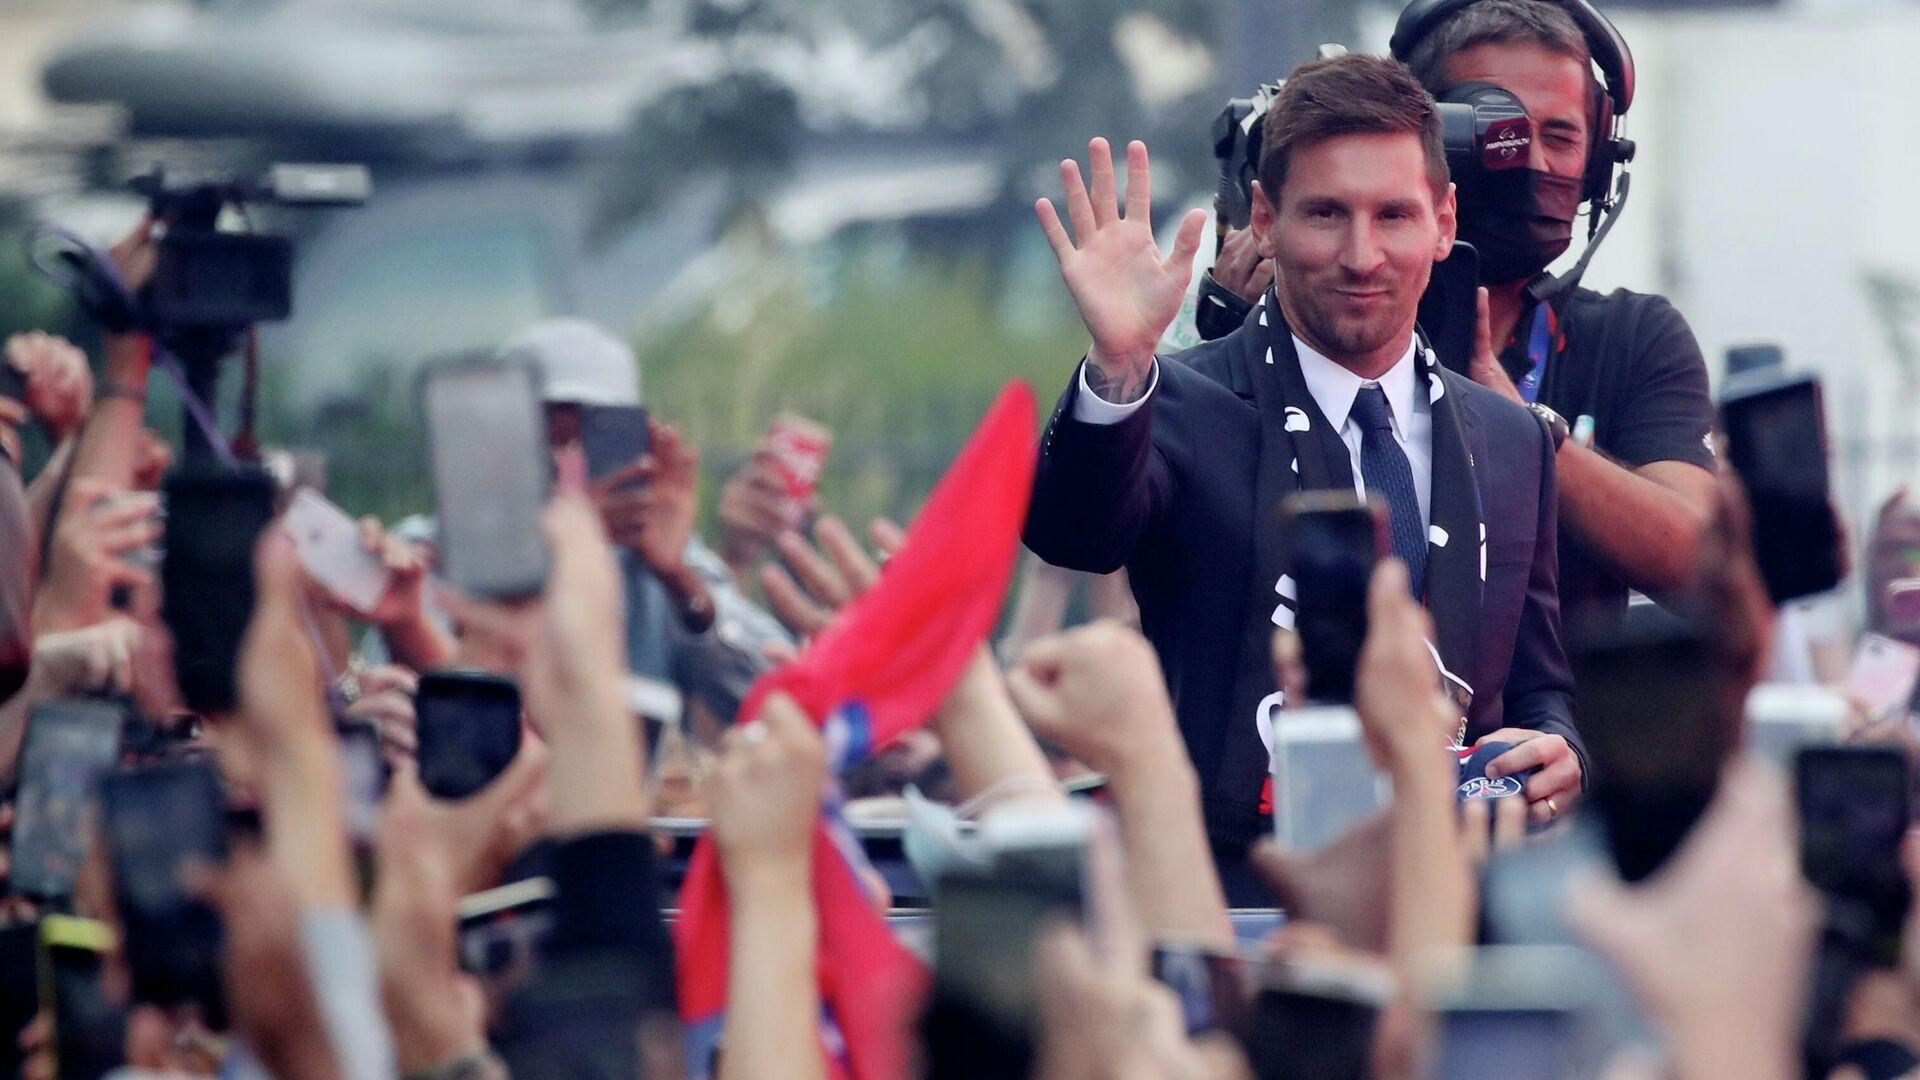 Lionel Messi, futbolista argentino - Sputnik Mundo, 1920, 11.08.2021